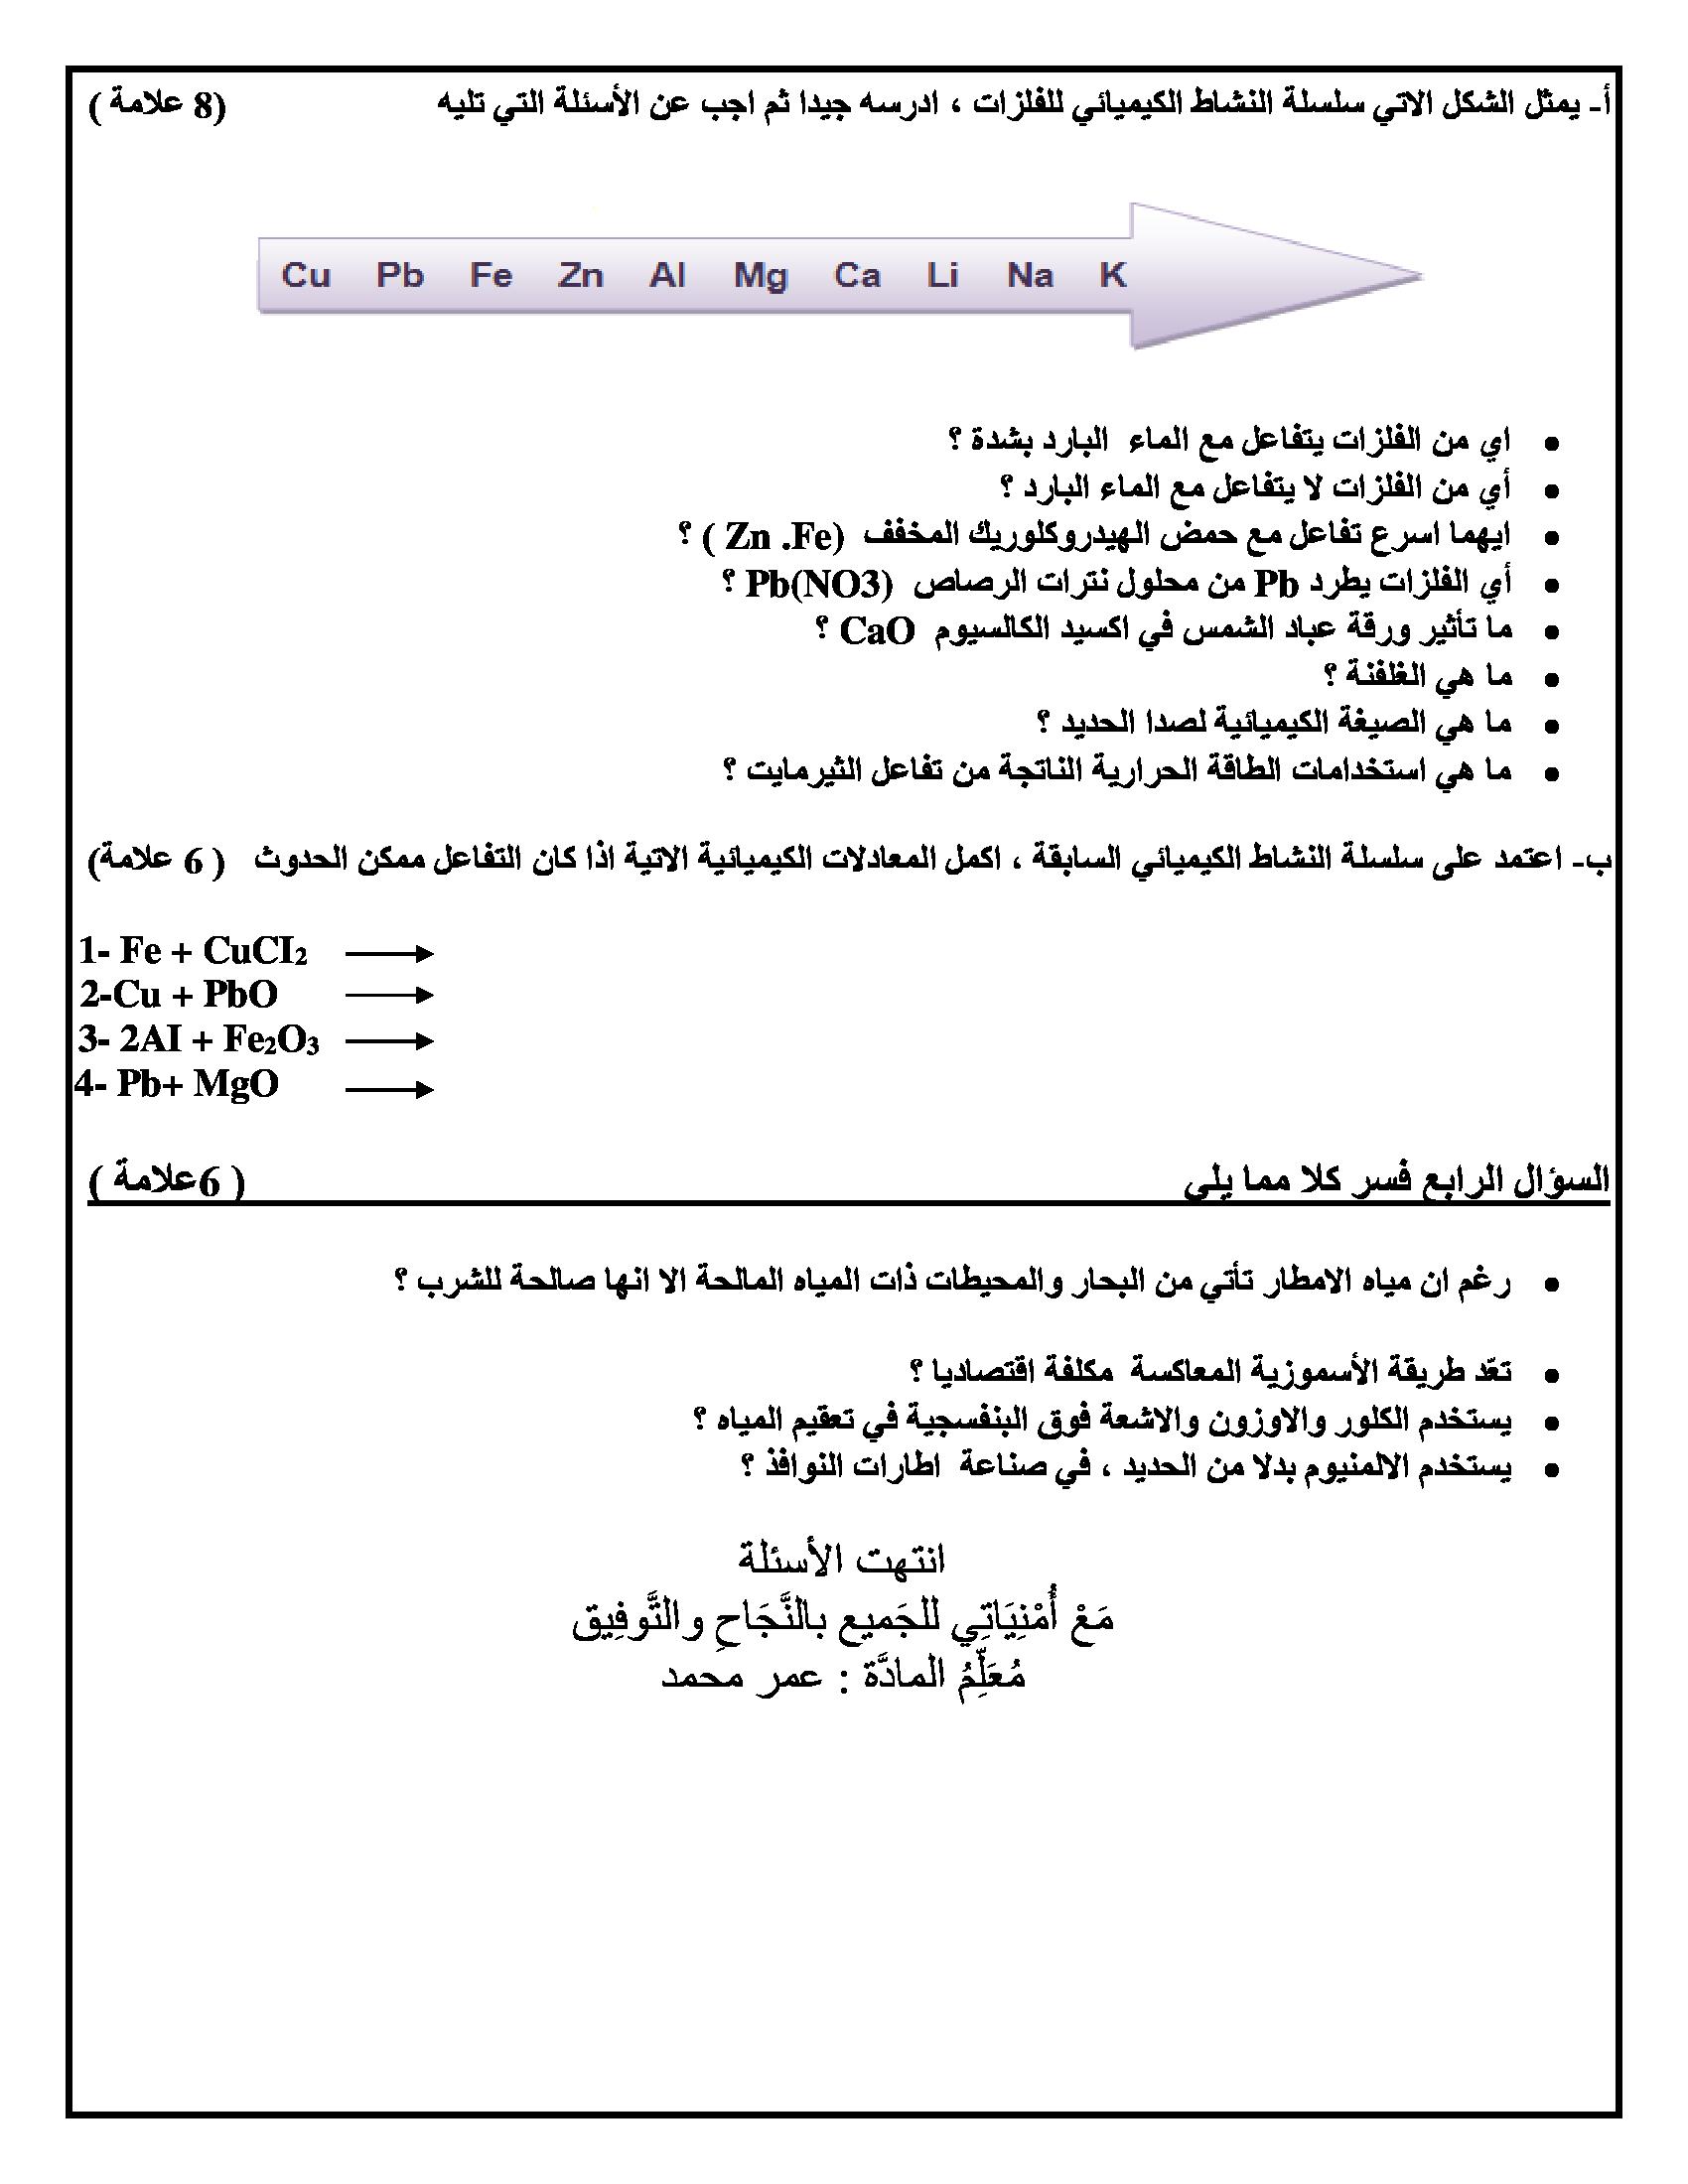 اختبار نهائي لمادة الكيمياء للصف التاسع الفصل الاول 2017